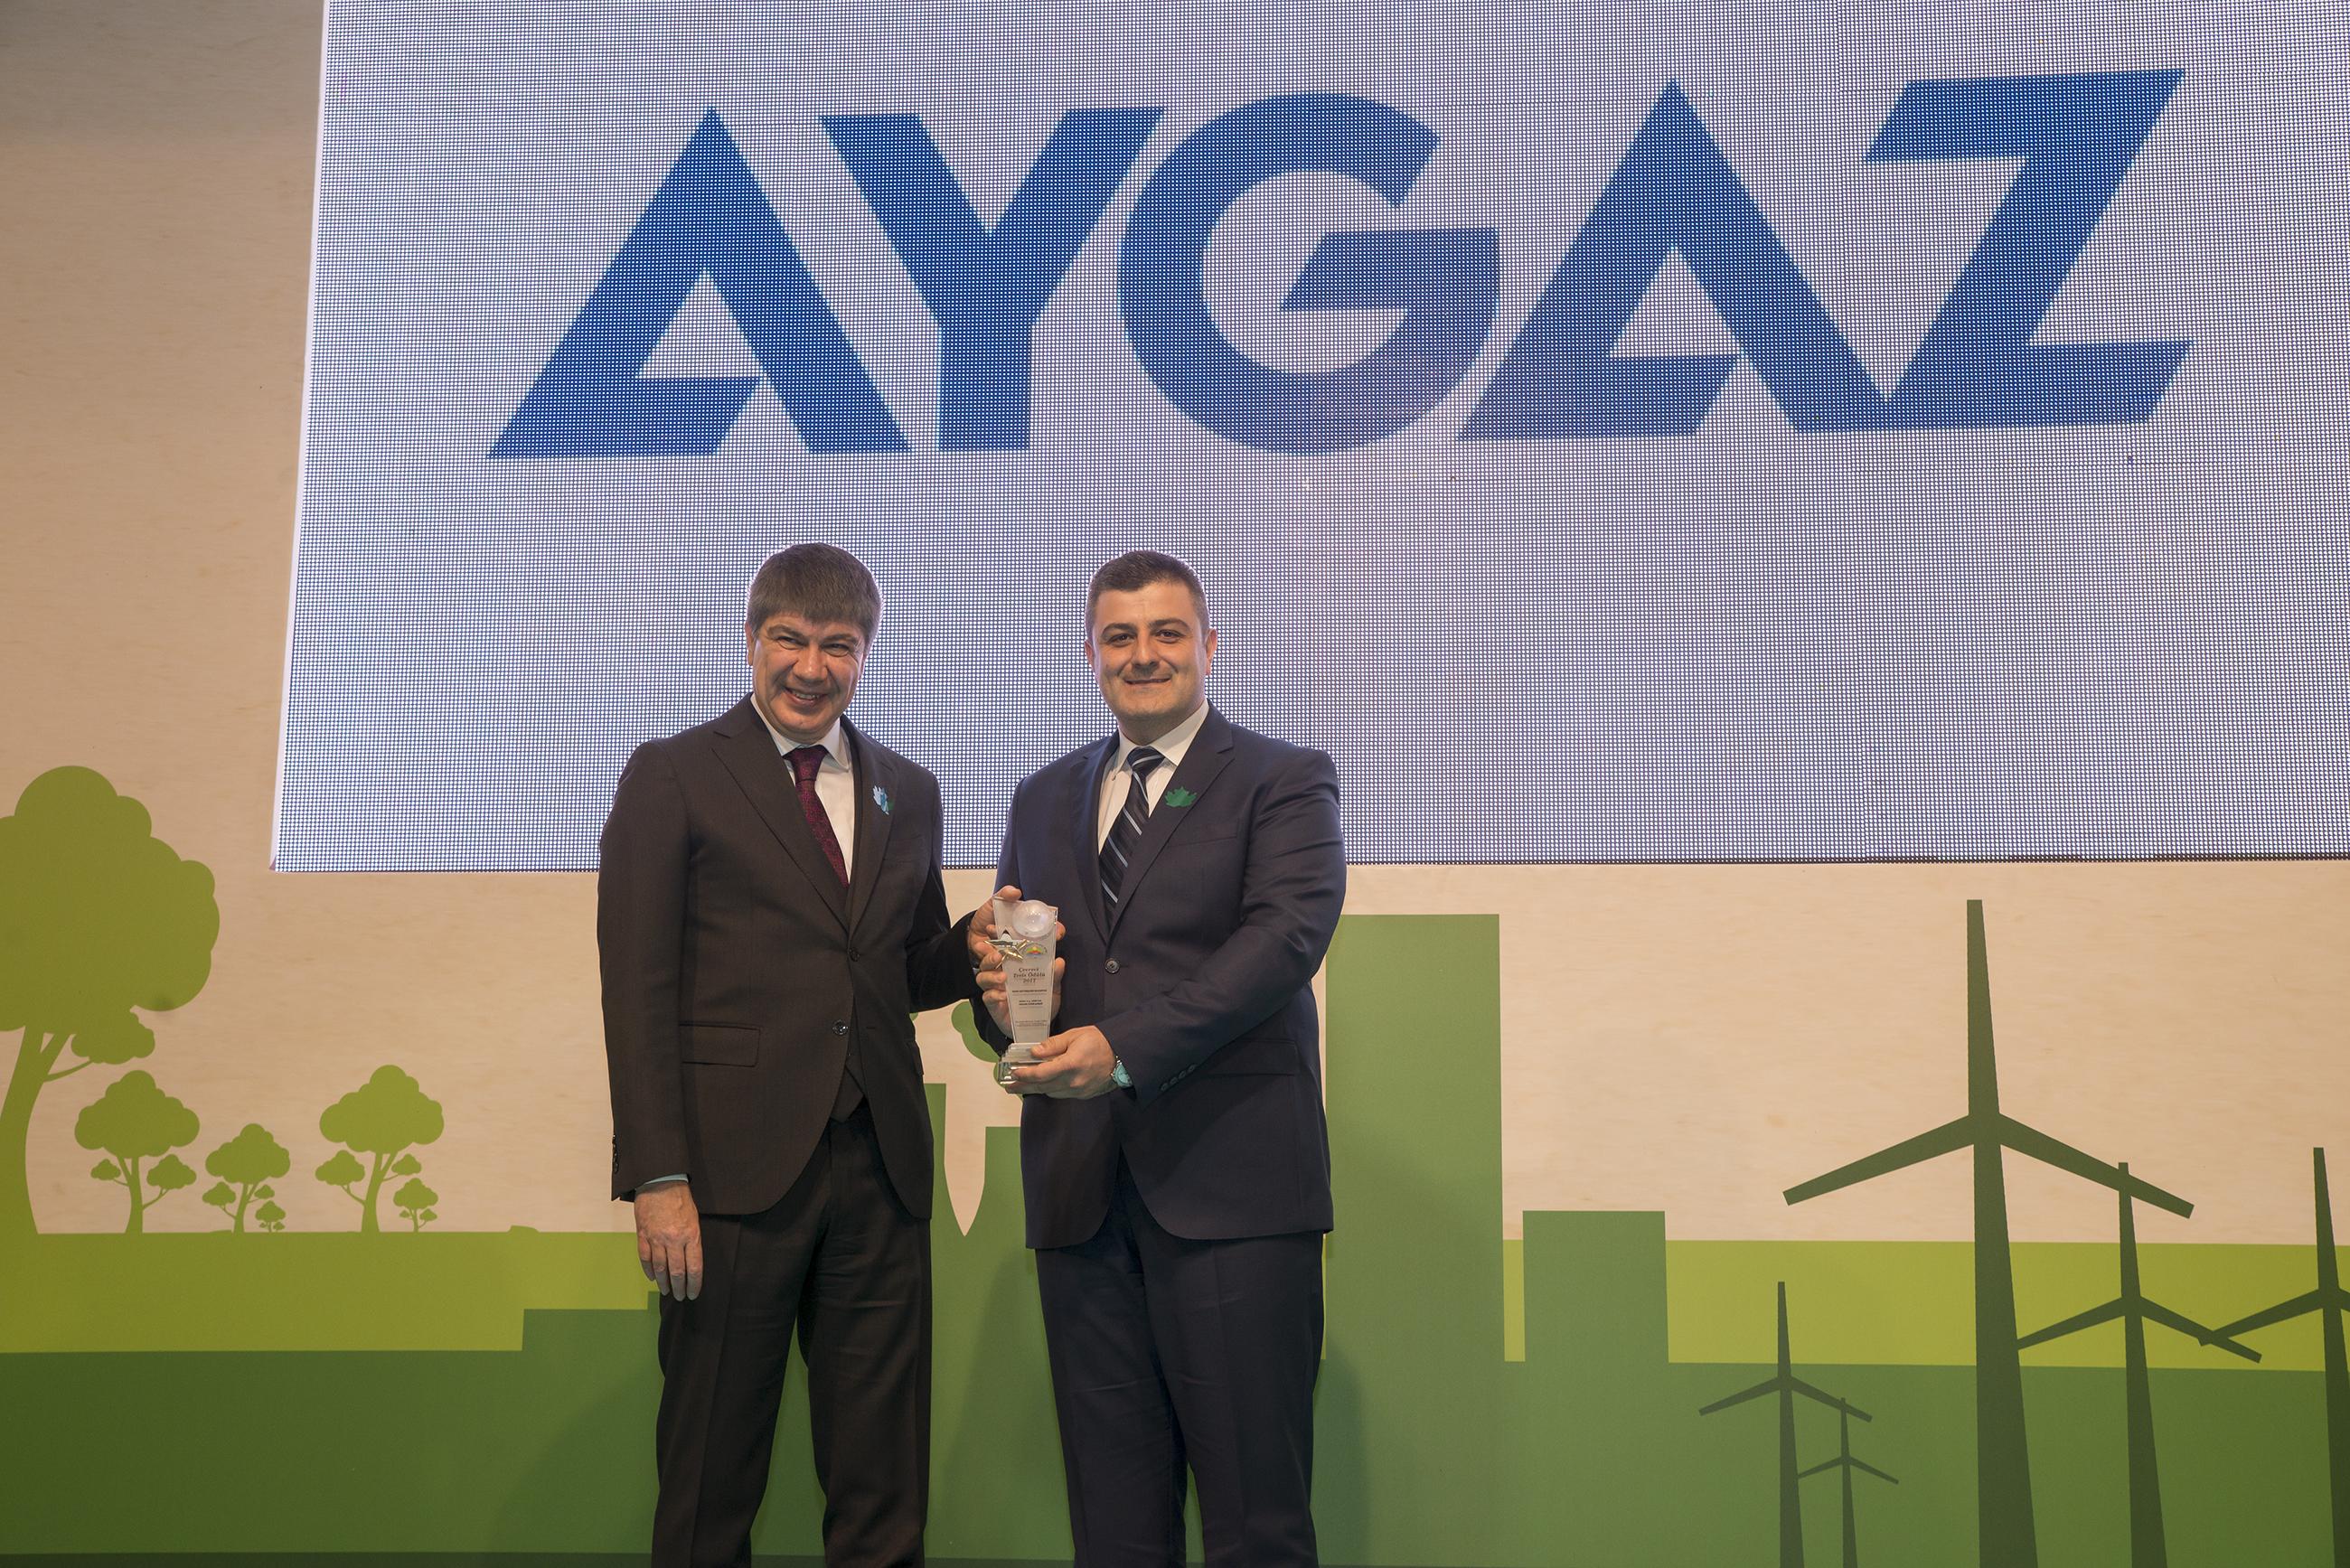 Aygaz, aldığı ulusal ve uluslararası ödüllere bir yenisini daha ekledi. Aygaz, Türkiye Sağlıklı Kentler Birliği (SKB) tarafından bu yıl üçüncüsü düzenlenen Çevreci Tesis Ödüllerinde Dörtyol Terminal Müdürlüğü ile ödül almaya hak kazandı.